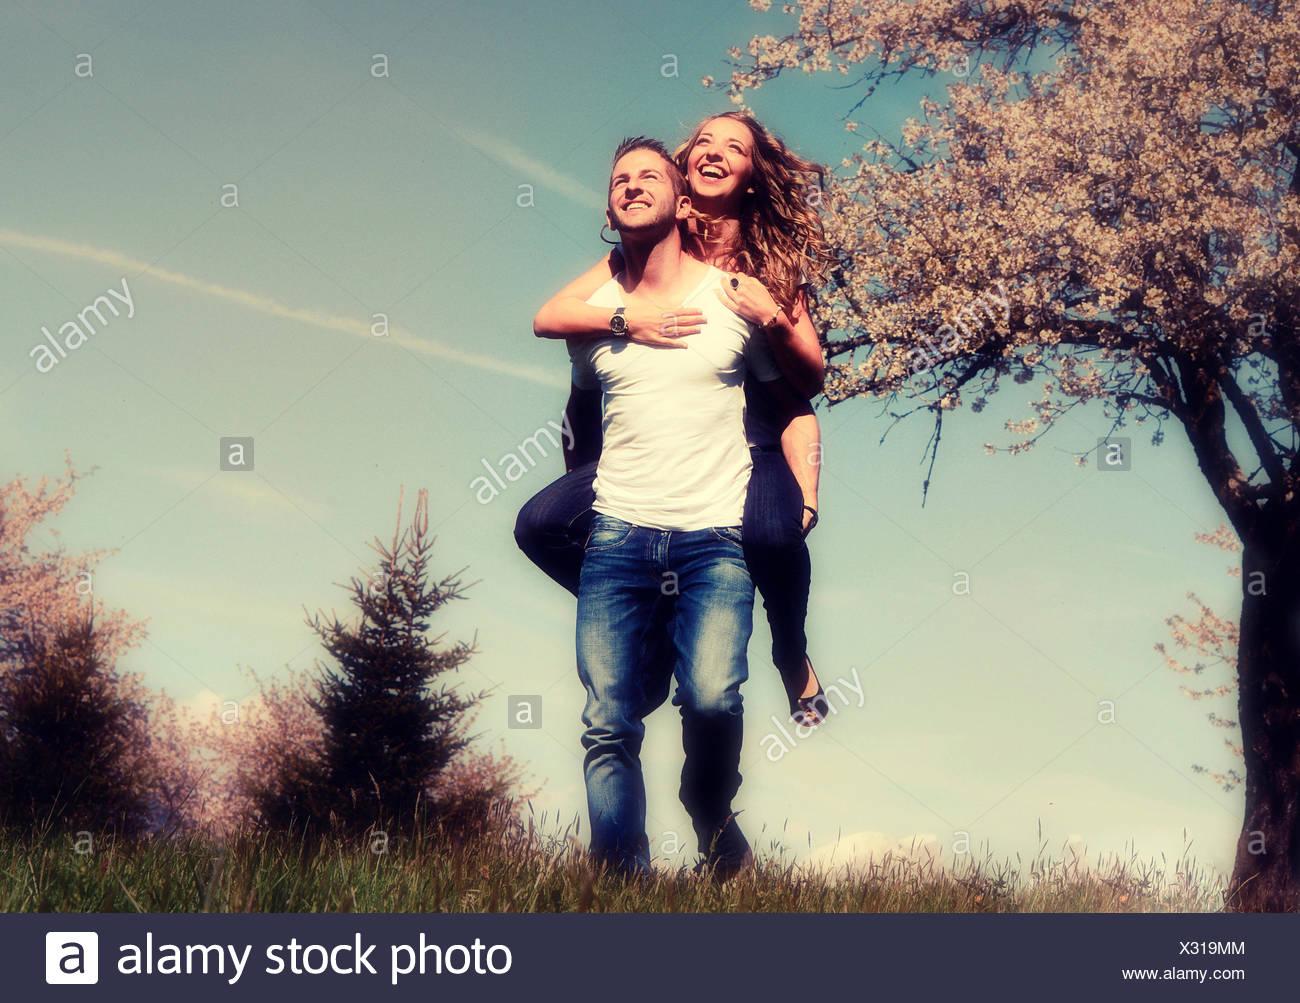 Homme portant une femme, souriant, en face d'un arbre en fleurs au printemps, Tyrol, Autriche Photo Stock